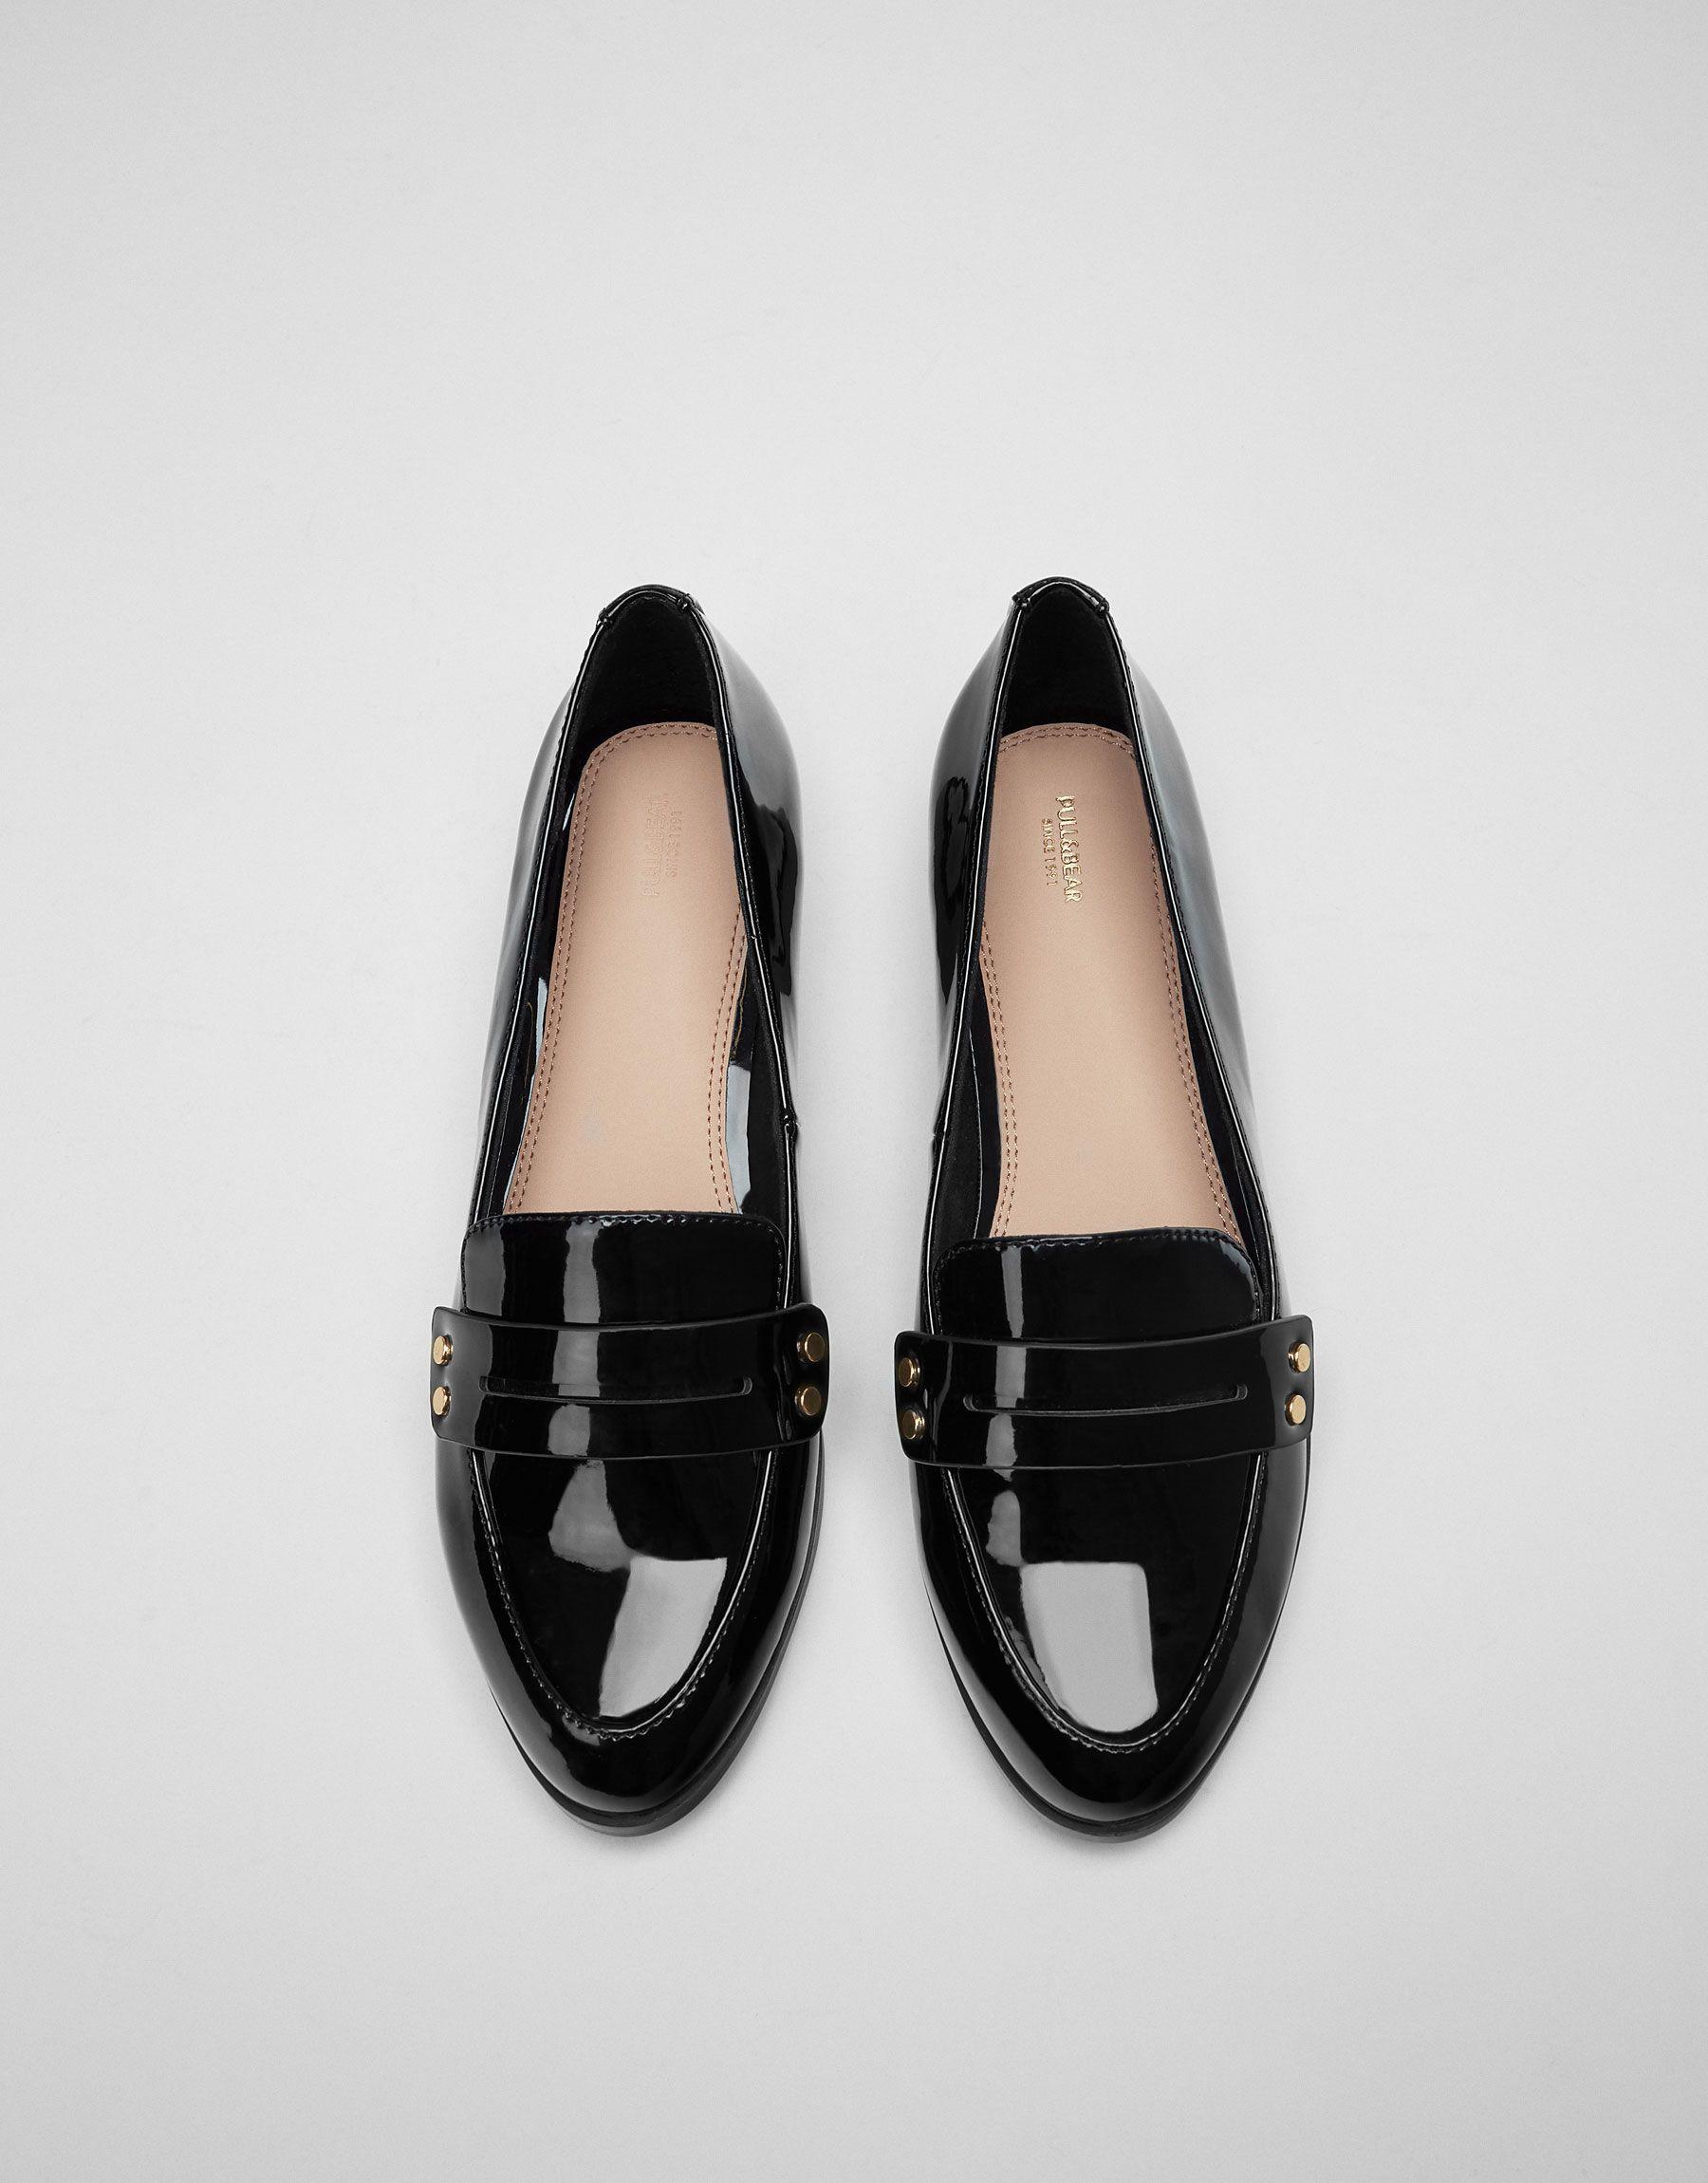 45f9e569 Loafer detalle tachas - Zapatos planos - Calzado - Mujer - PULL&BEAR México